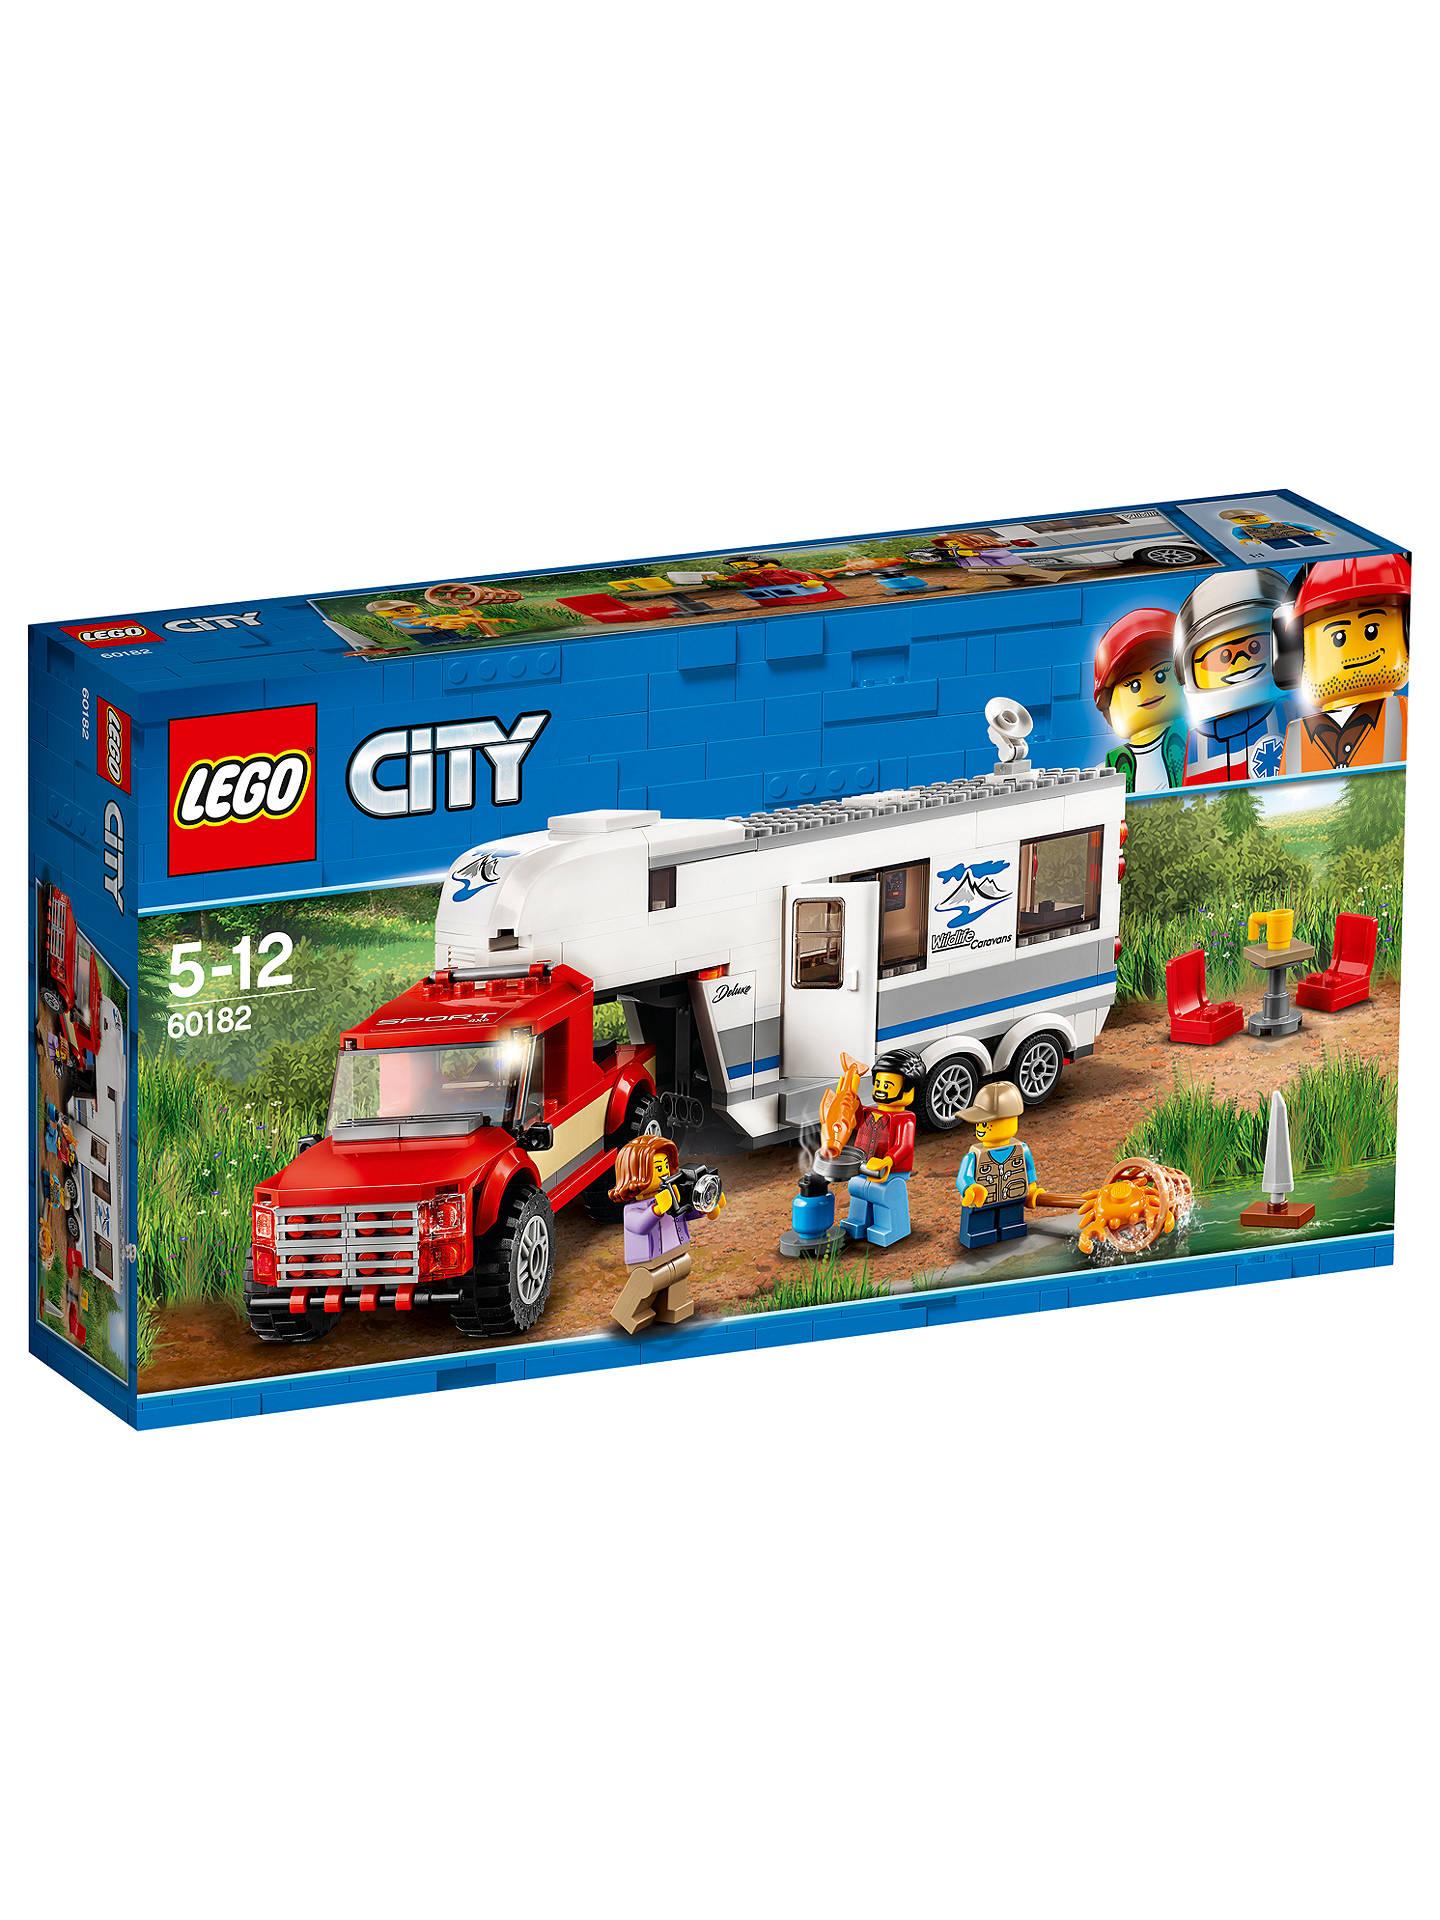 Harga Leggo City Terbaru 2018 Osram Lampu Mobil Volvo S60 2007 2009 High Beam H9 62213cbh Lego 60182 Caravan And Pickup Truck At John Lewis Partners Buylego Online